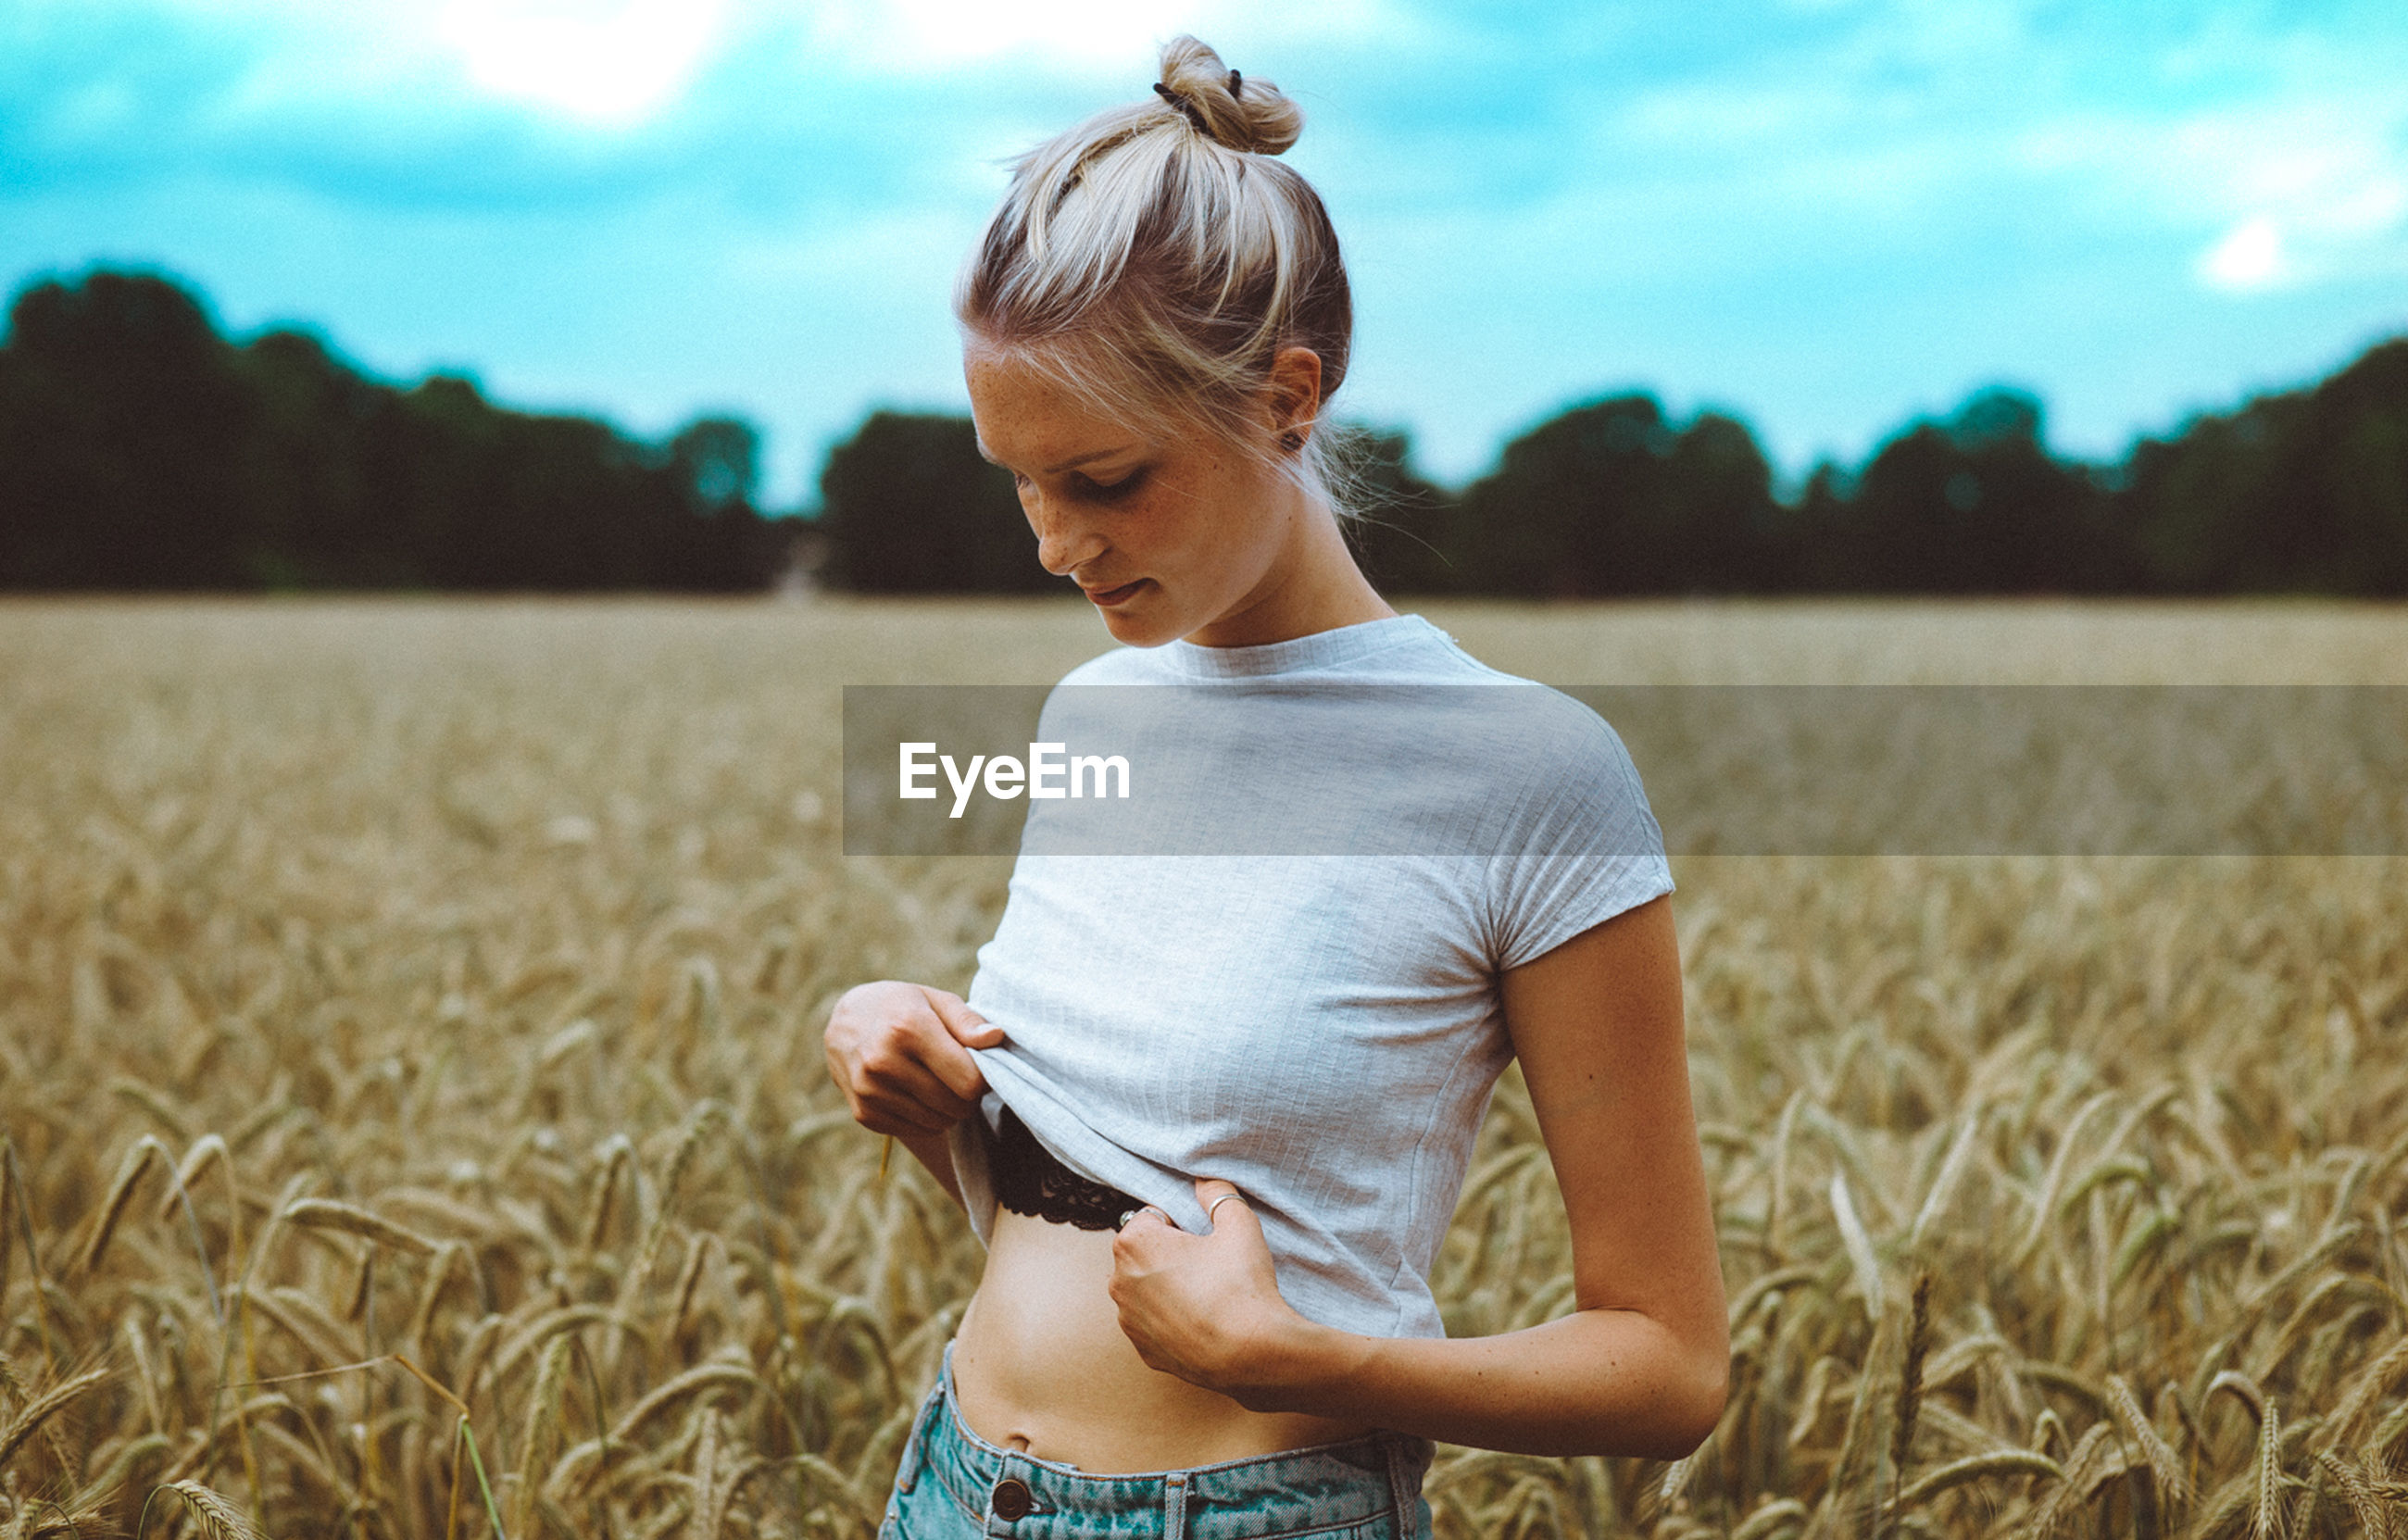 GIRL STANDING ON GRASSY FIELD